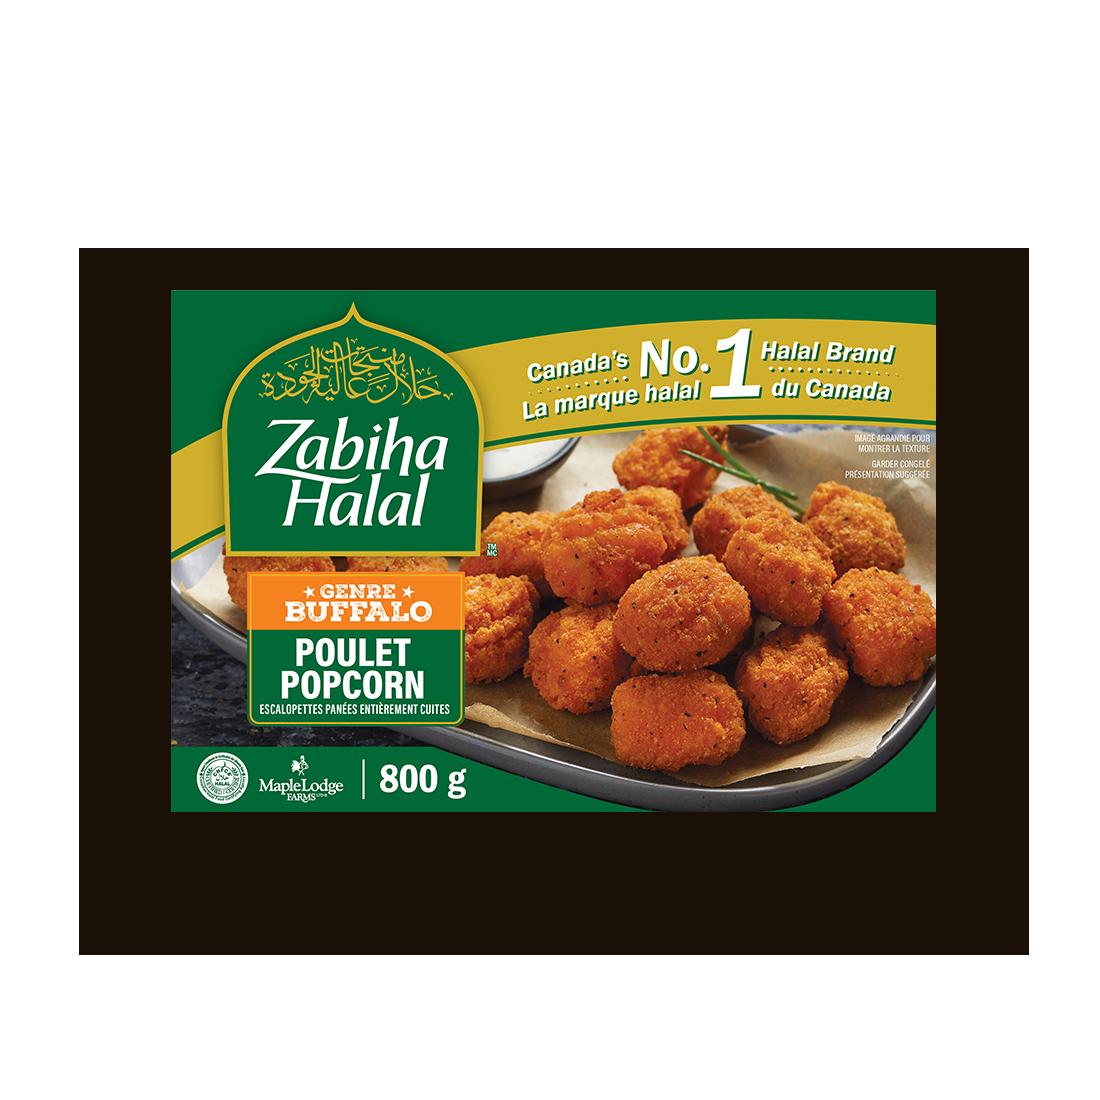 Un emballage de poulet popcorn genre buffalo surgelé